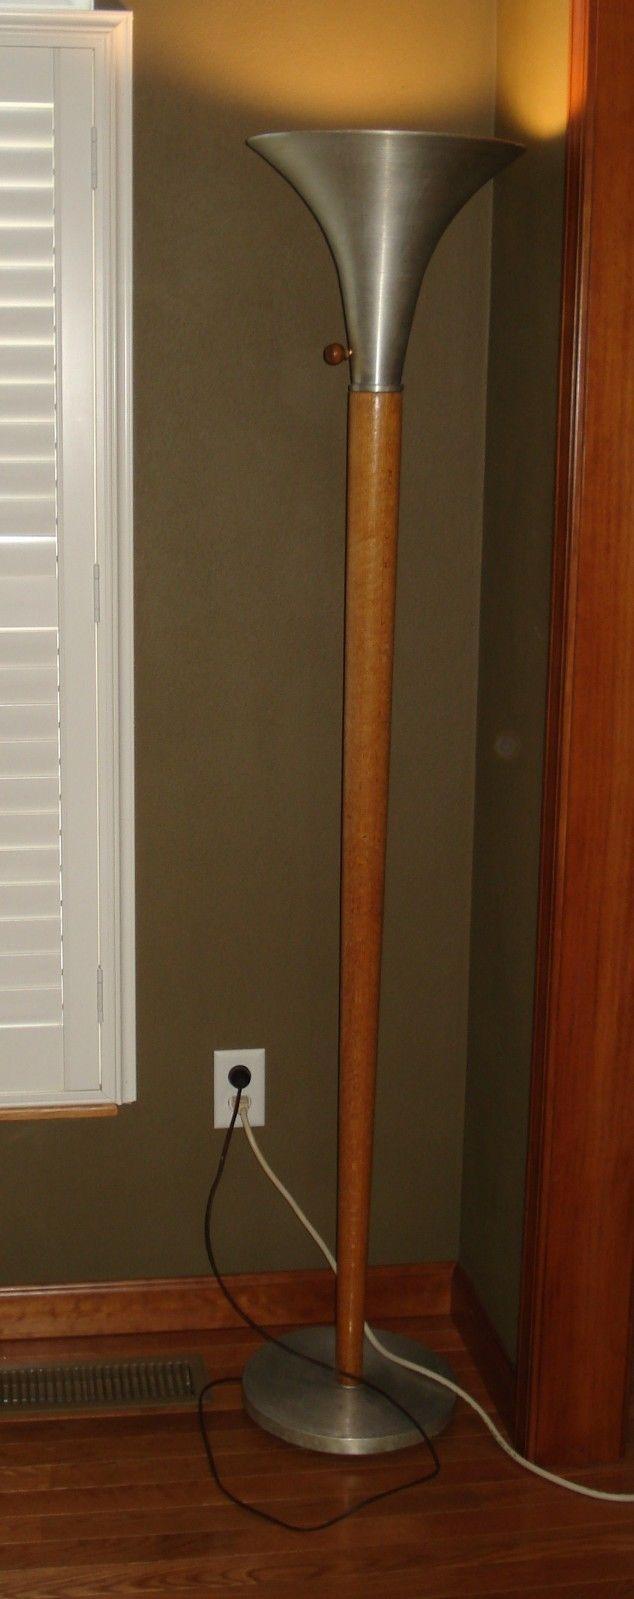 Vintage Russel Wright Style Torchiere Spun Aluminum Oak